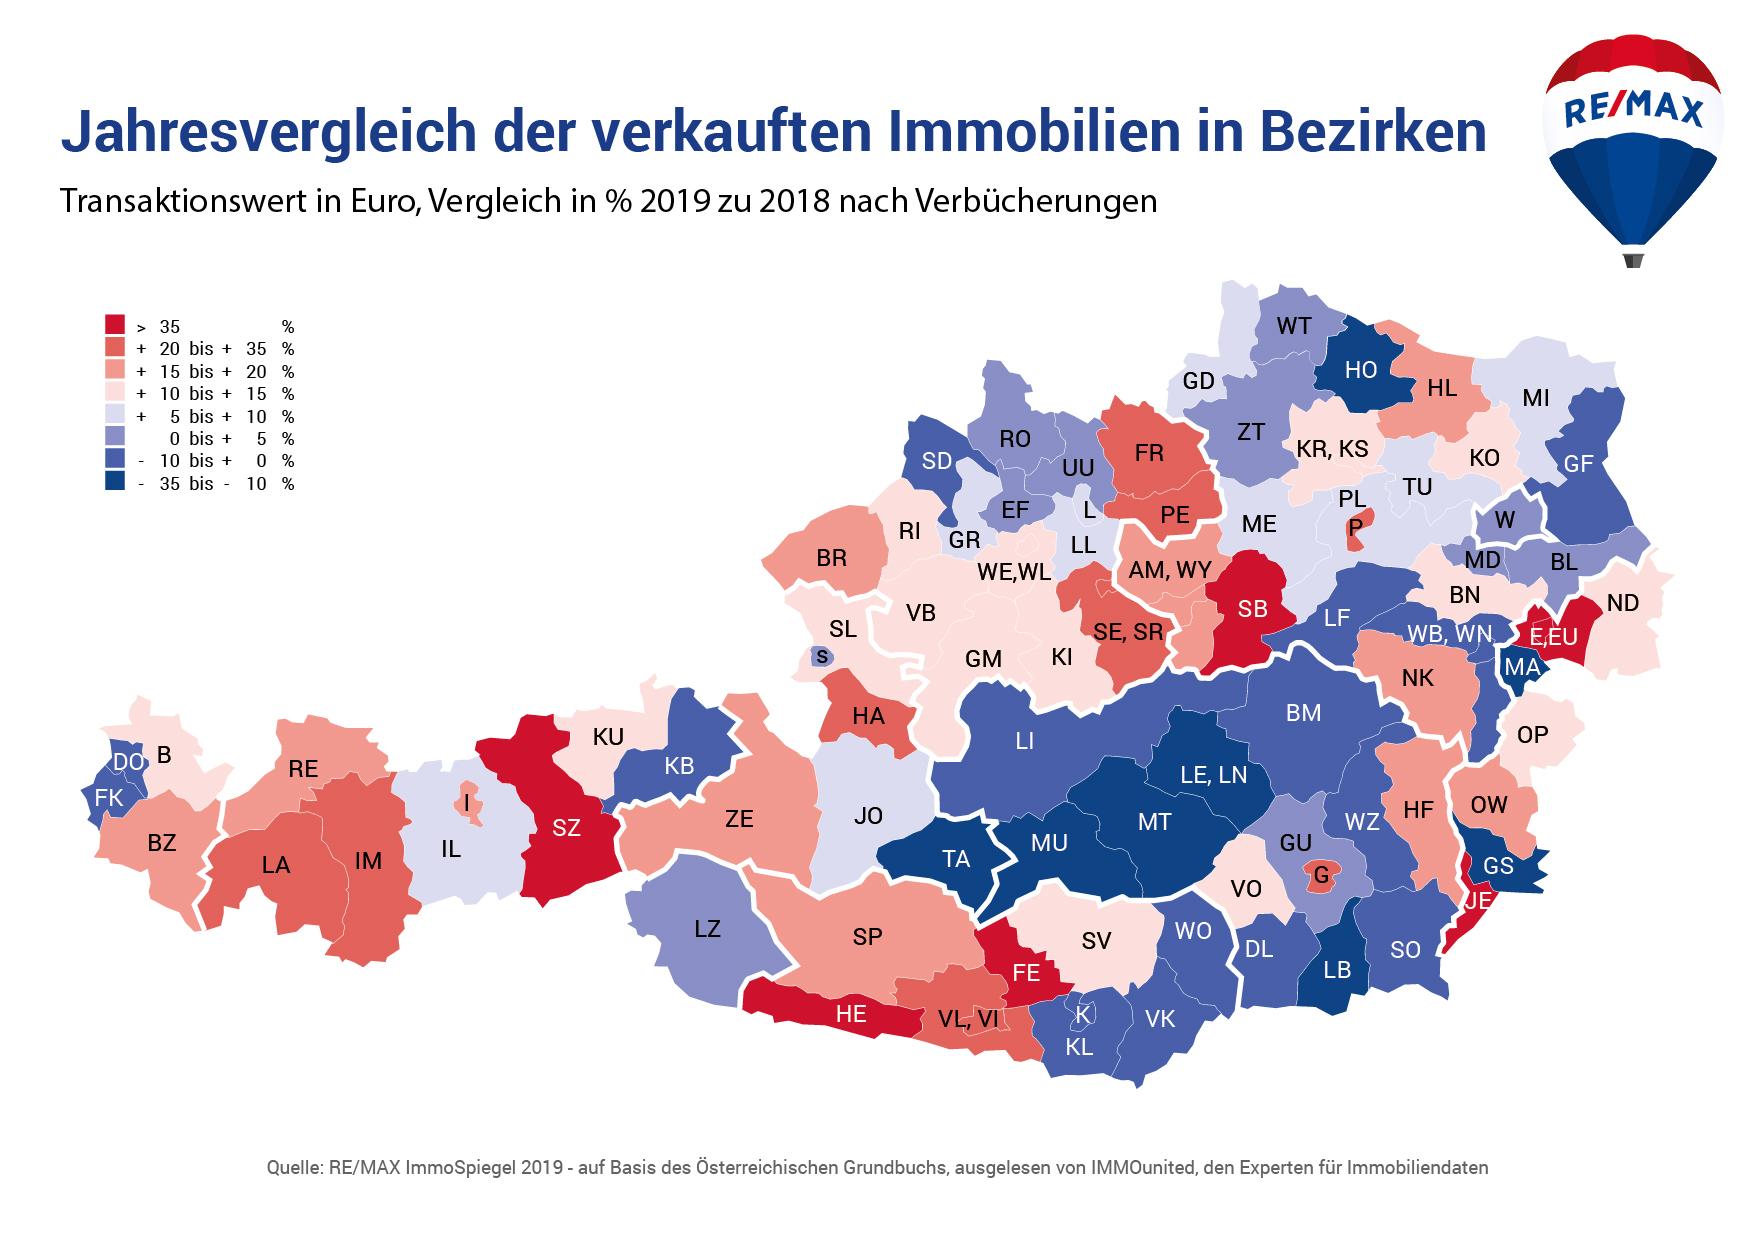 Jahresvergleich der verkauften Immobilien in Bezirken